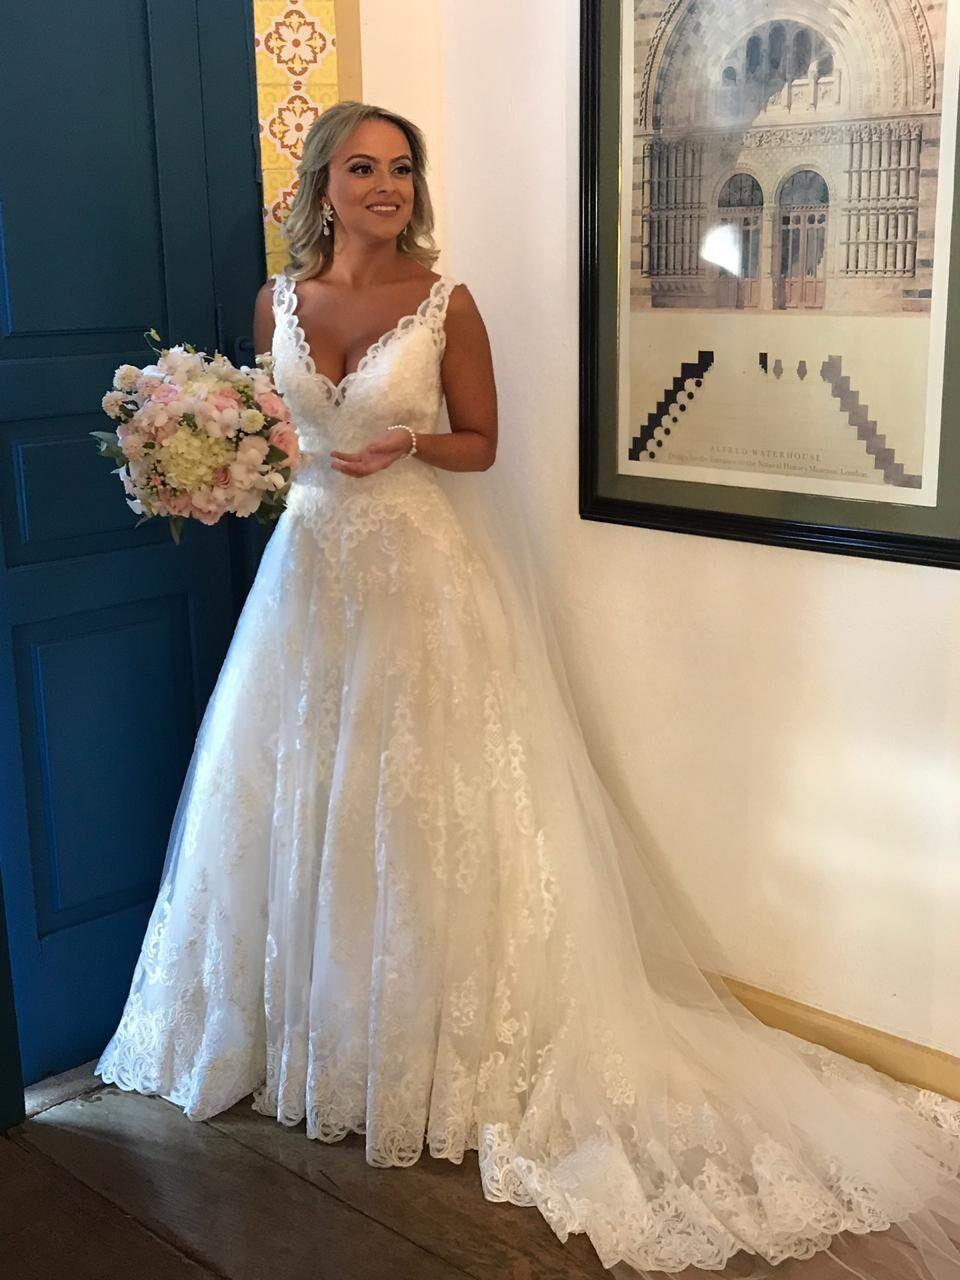 costureira-de-vestido-de-noiva-2144985